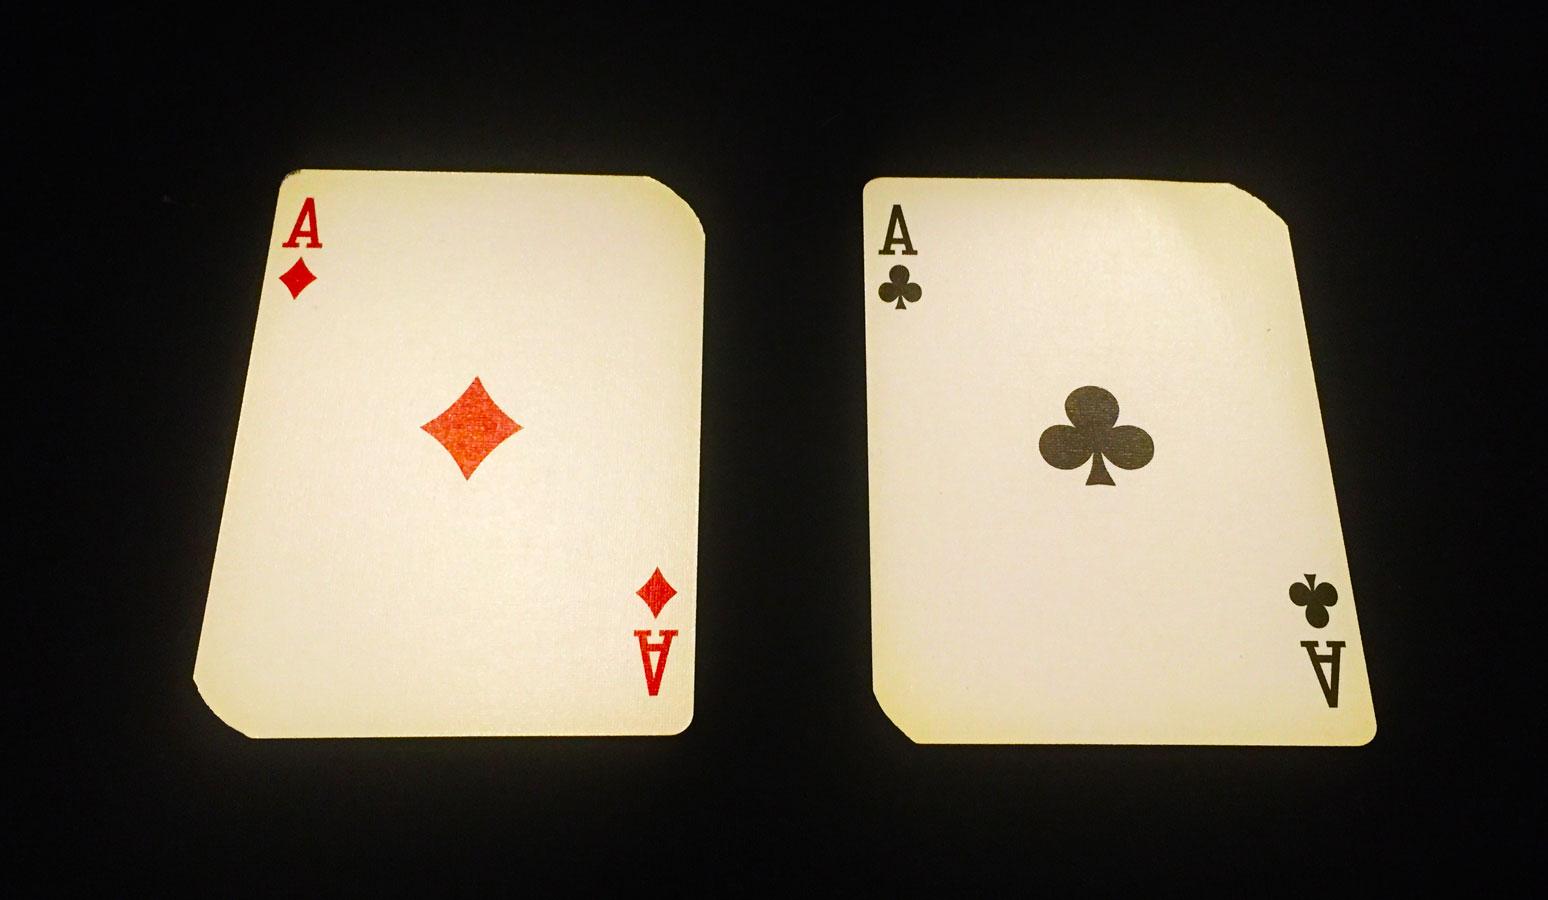 トランプはなぜ、赤いカードと黒いカードに分かれているのか